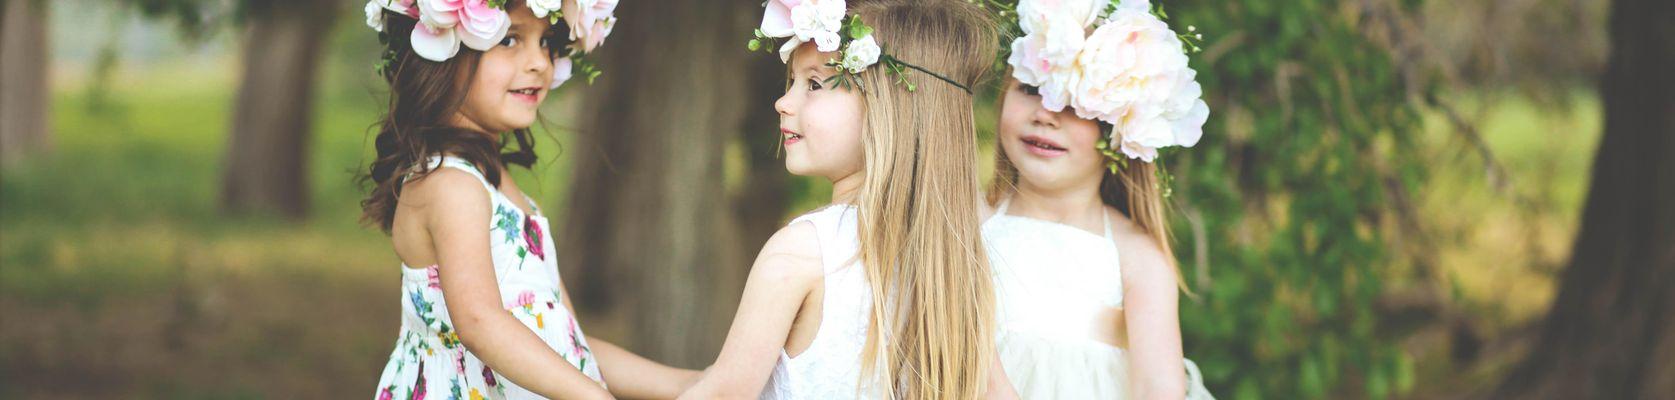 Blumenmädchen, Blumenkind, Blumenkinder, Kinder auf der Hochzeit